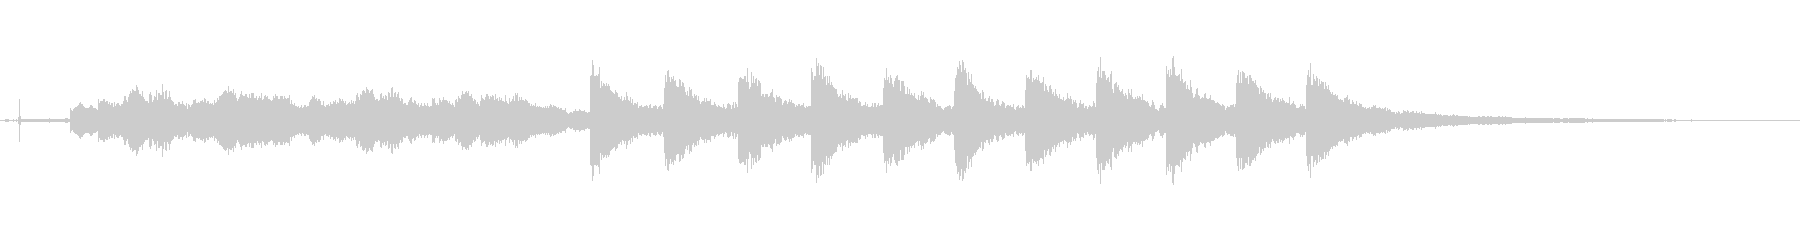 ウェストミンスター:イレブンオクロ...の未再生の波形